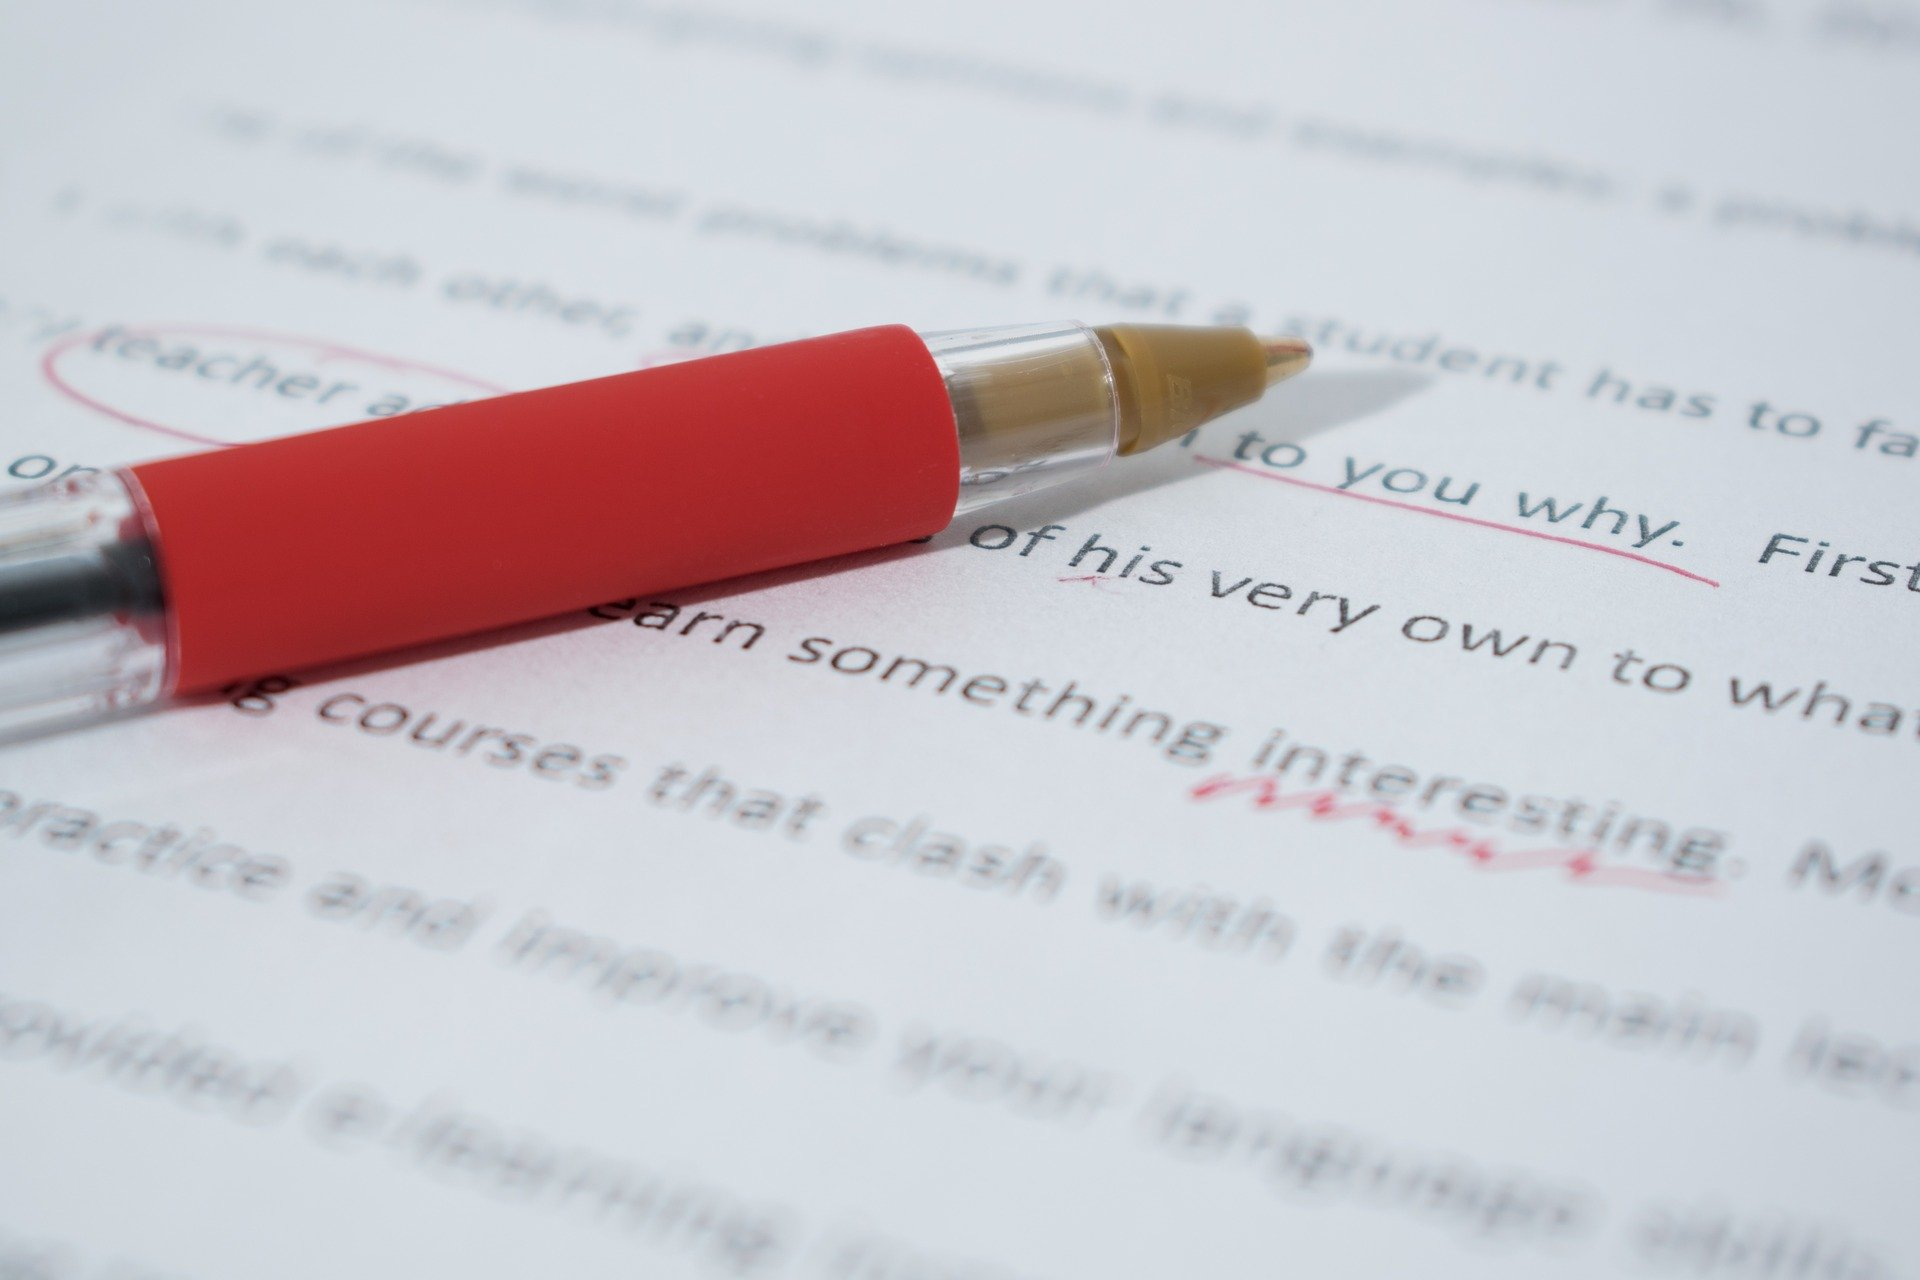 Wat is actief schrijven? Ontdek hoe het tekst leesbaarder en persoonlijker maakt.